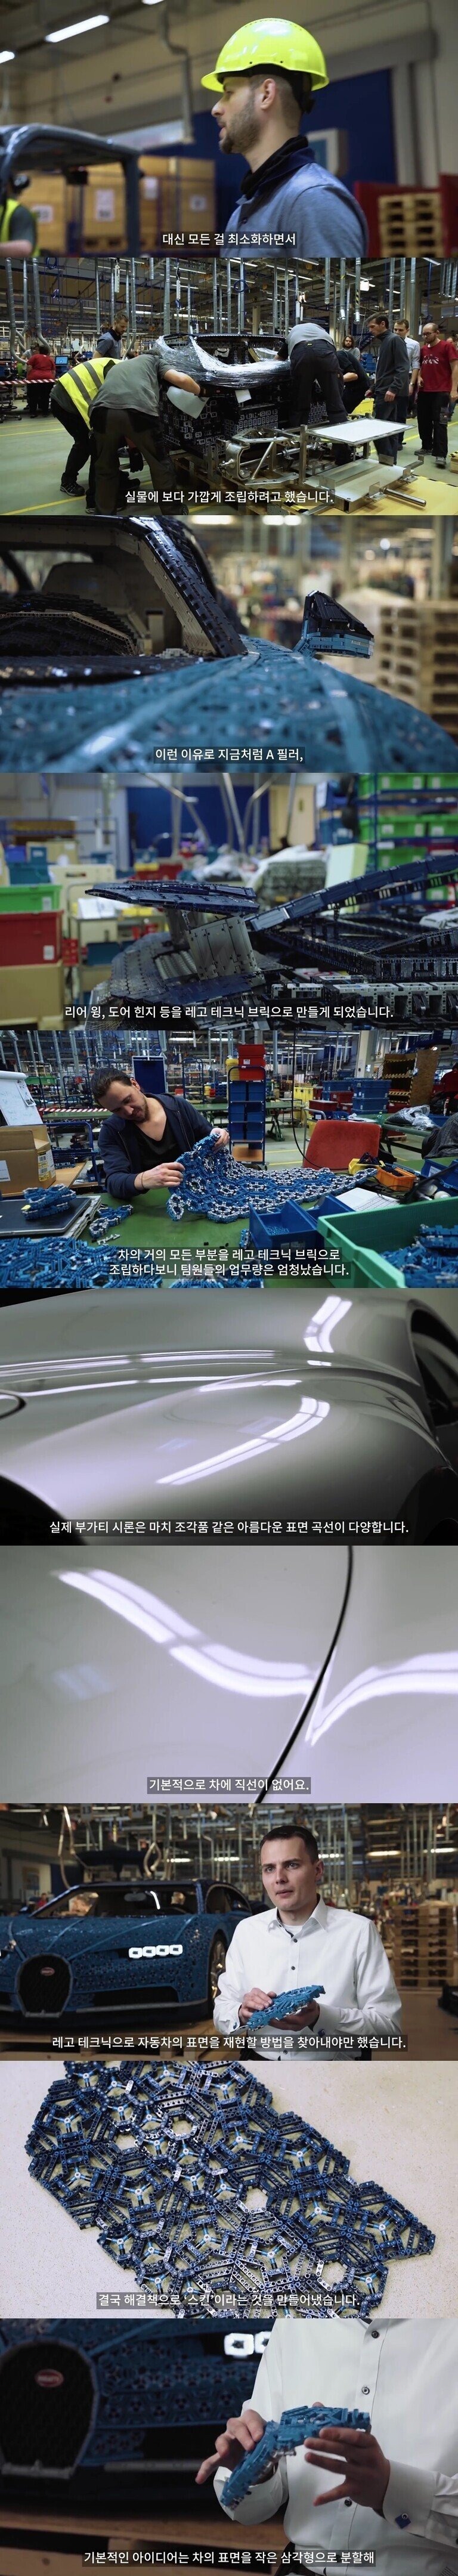 레고 테크닉 부가티 42083 - 불가능을 조립하다(다큐멘터리)-vert3.jpg 스압) 레고로 달리는 부가티를 만들다.Docu